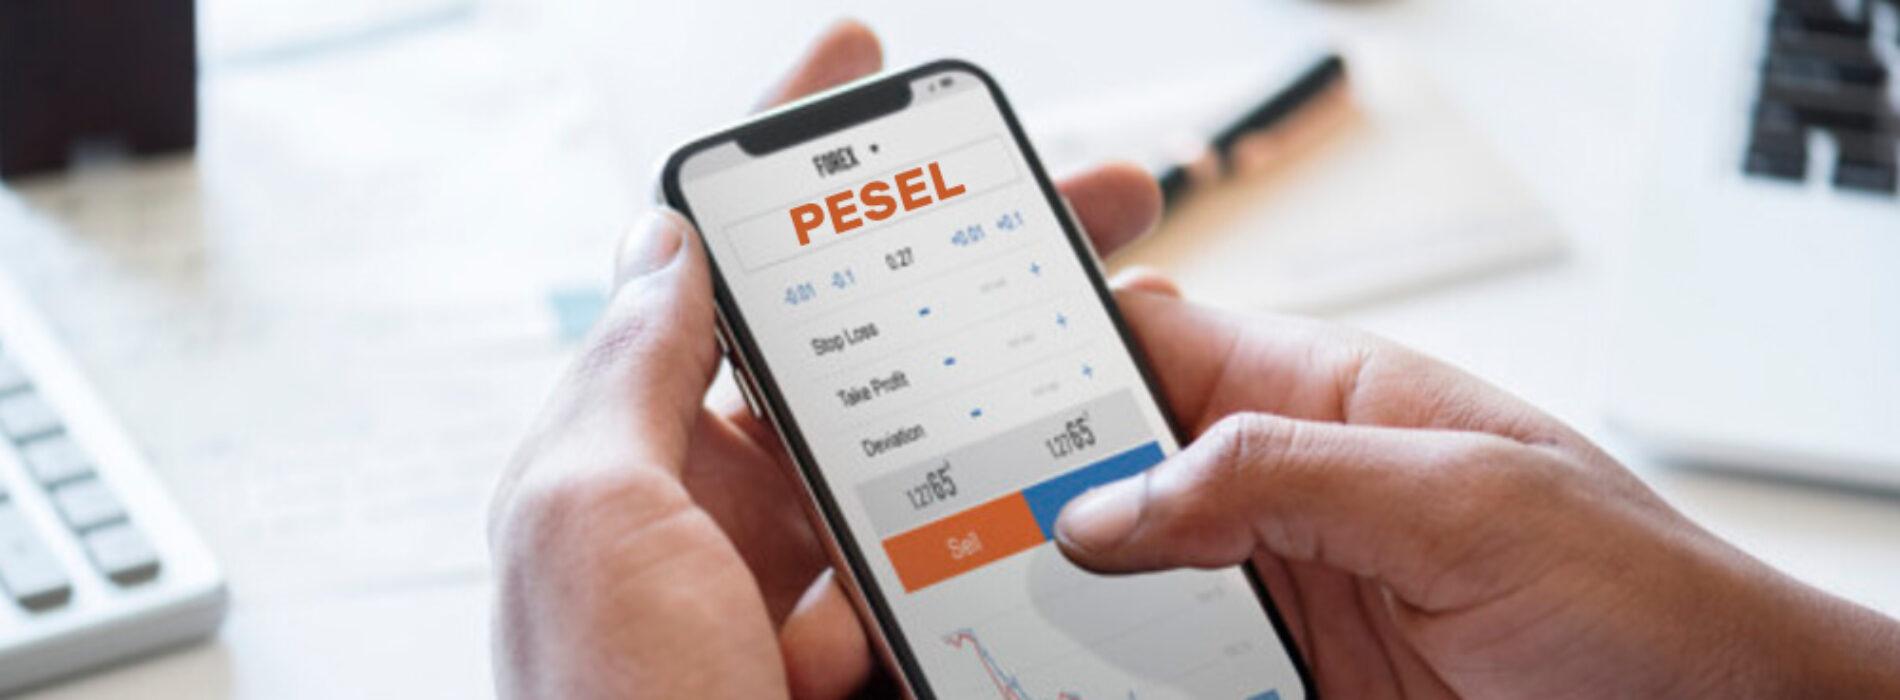 Sprawdzenie i weryfikacja numeru PESEL przed wzięciem kredytu